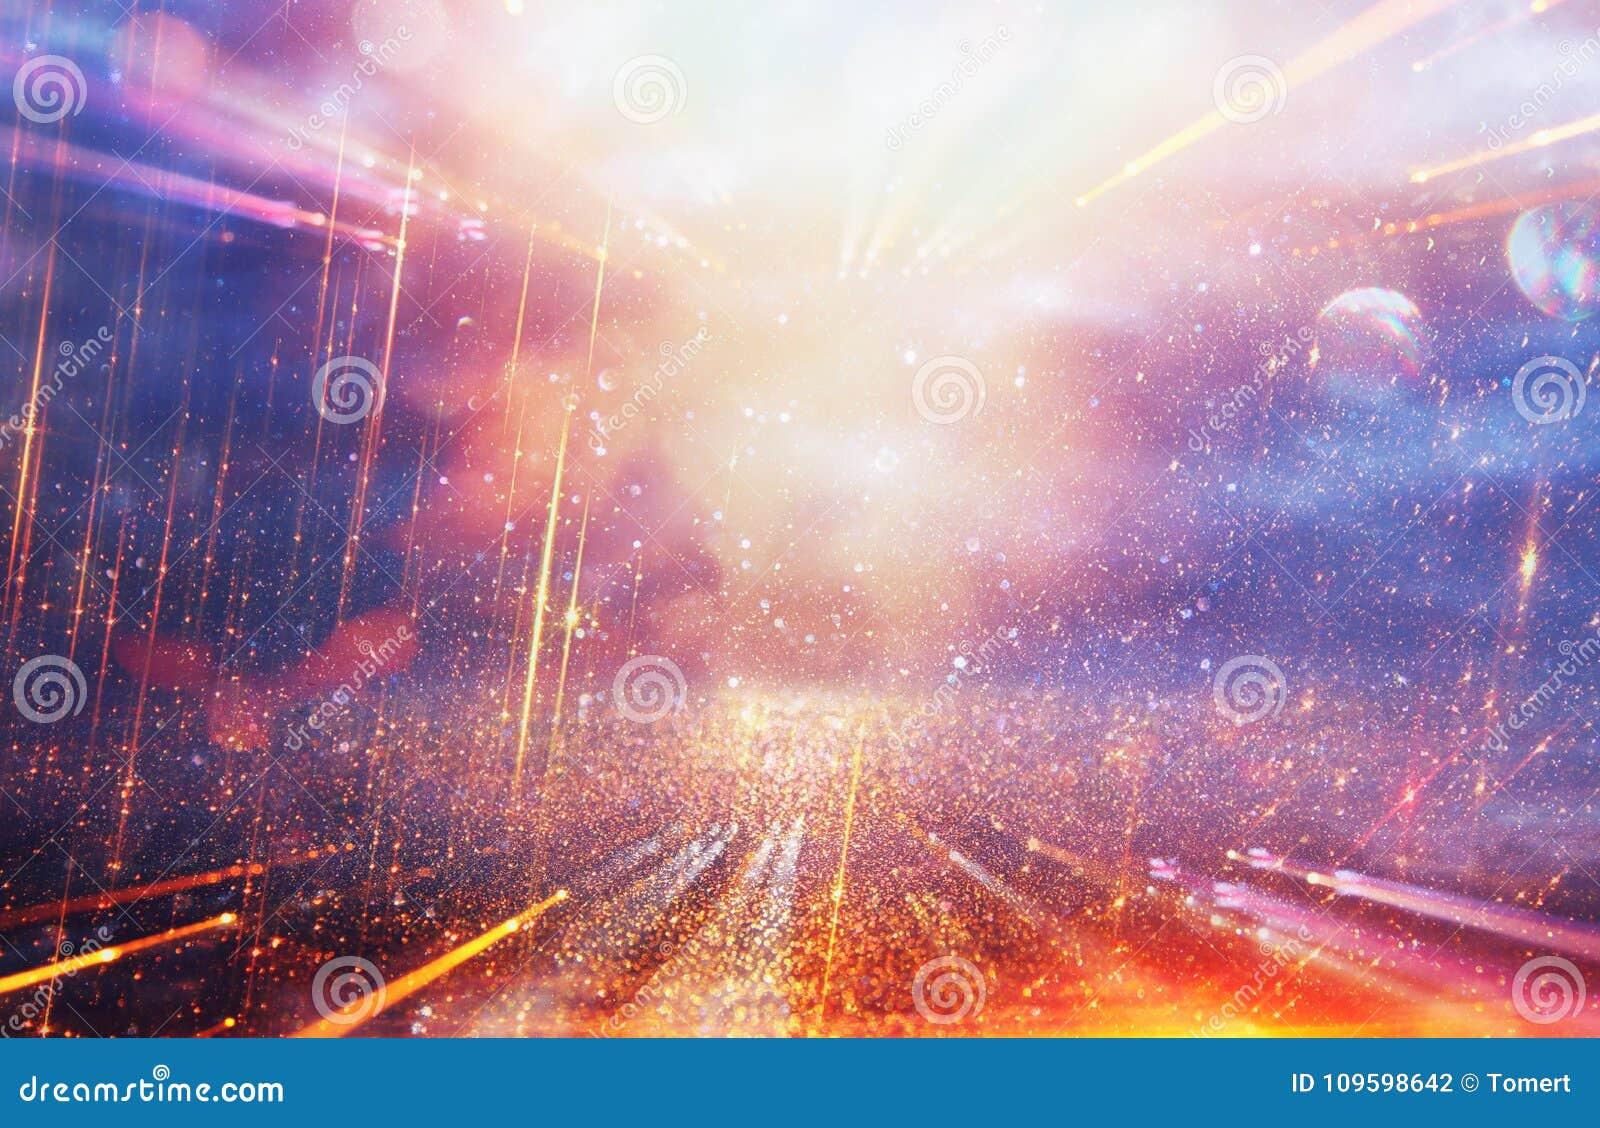 Fondo brillante de la galaxia o de la fantasía Abstraiga la explosión de la luz concepto mágico y del misterio